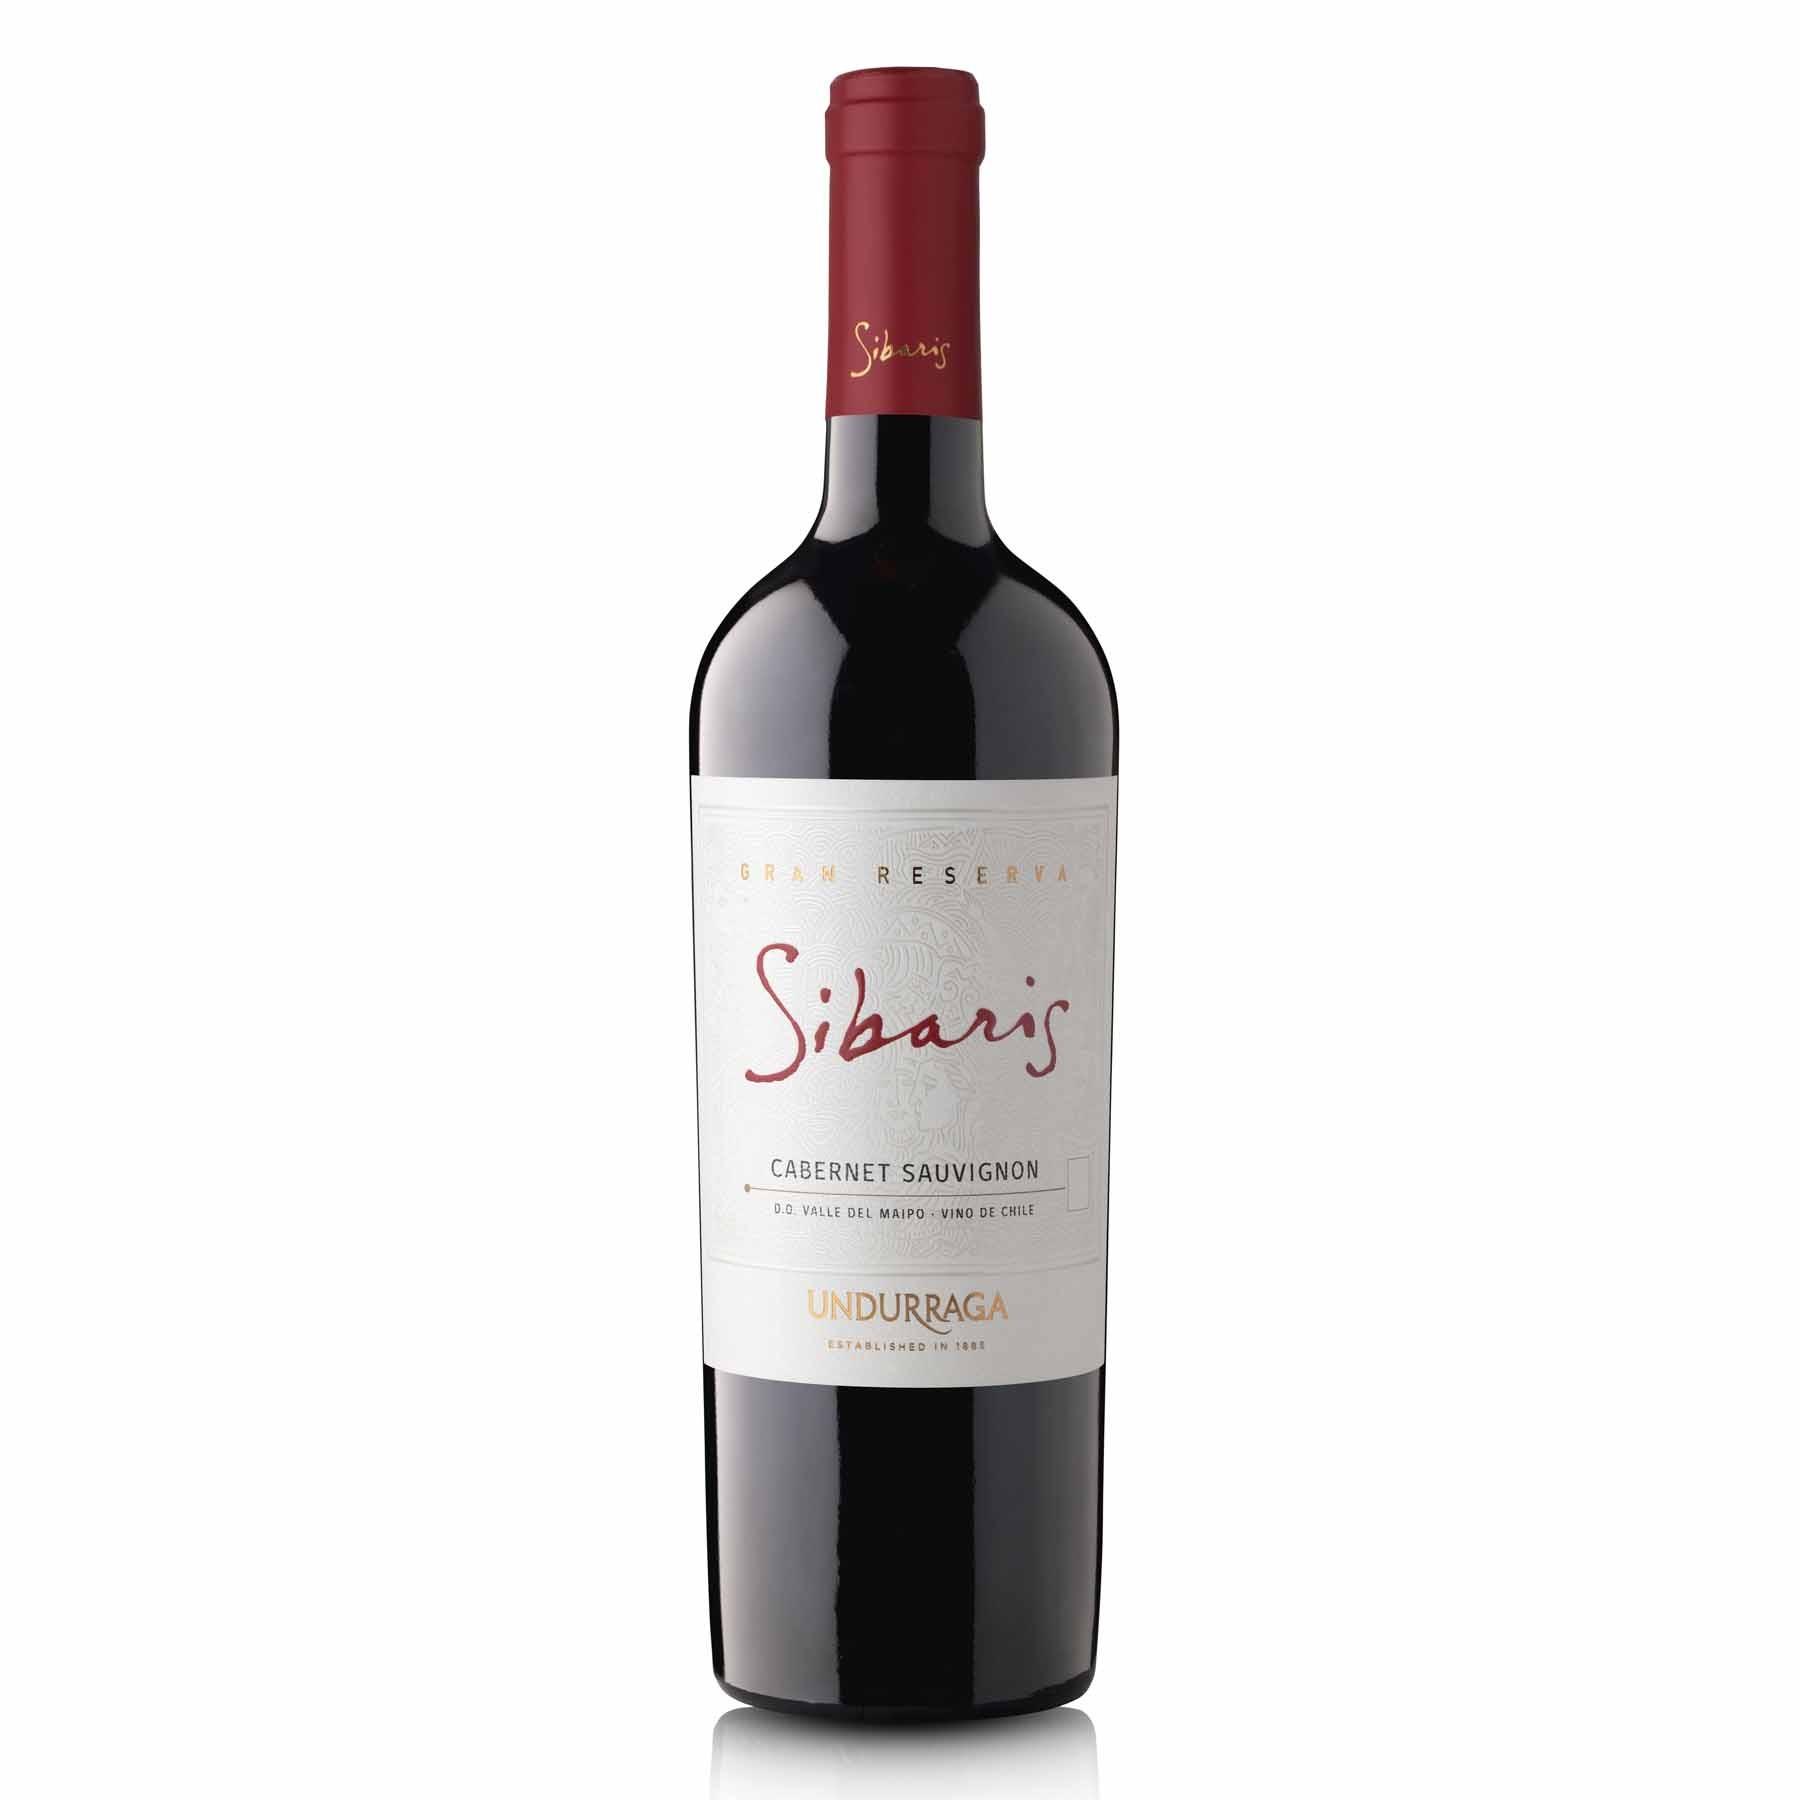 Vinho Tinto Chileno Undurraga Sibaris Gran Reserva Cabernet Sauvignon 2017